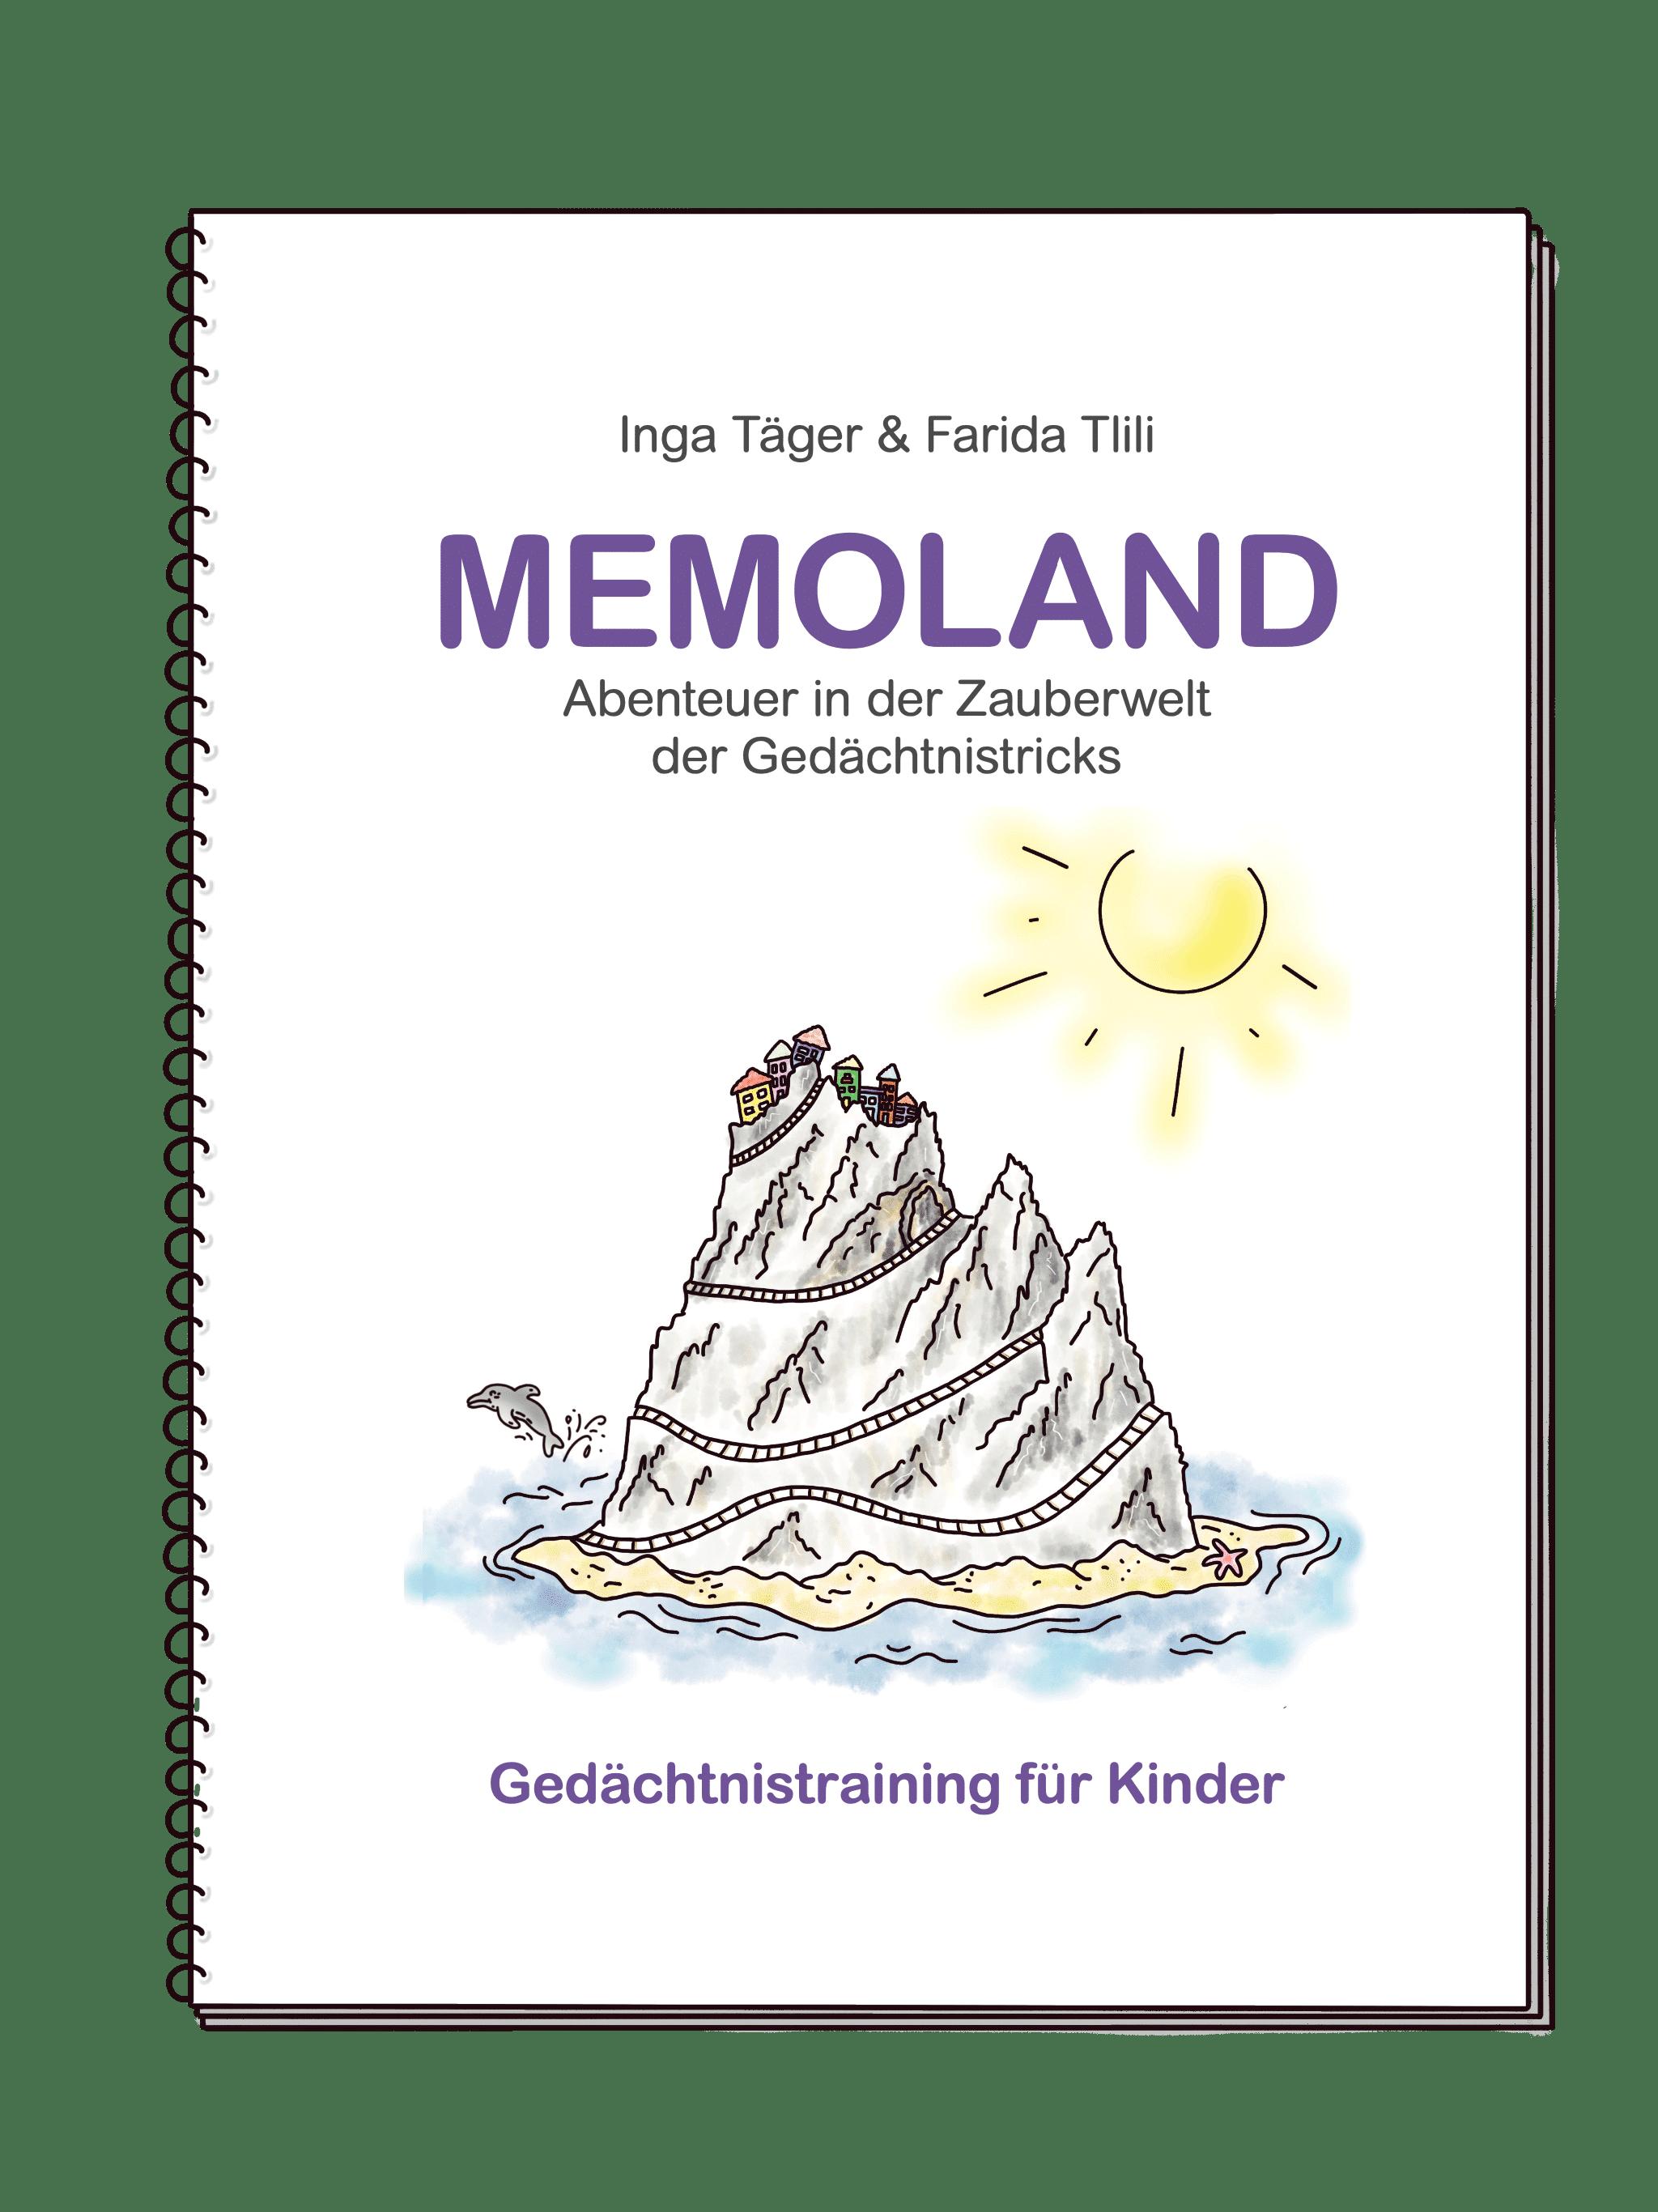 MEMOLAND als Ringbuch für Lernbegleiter